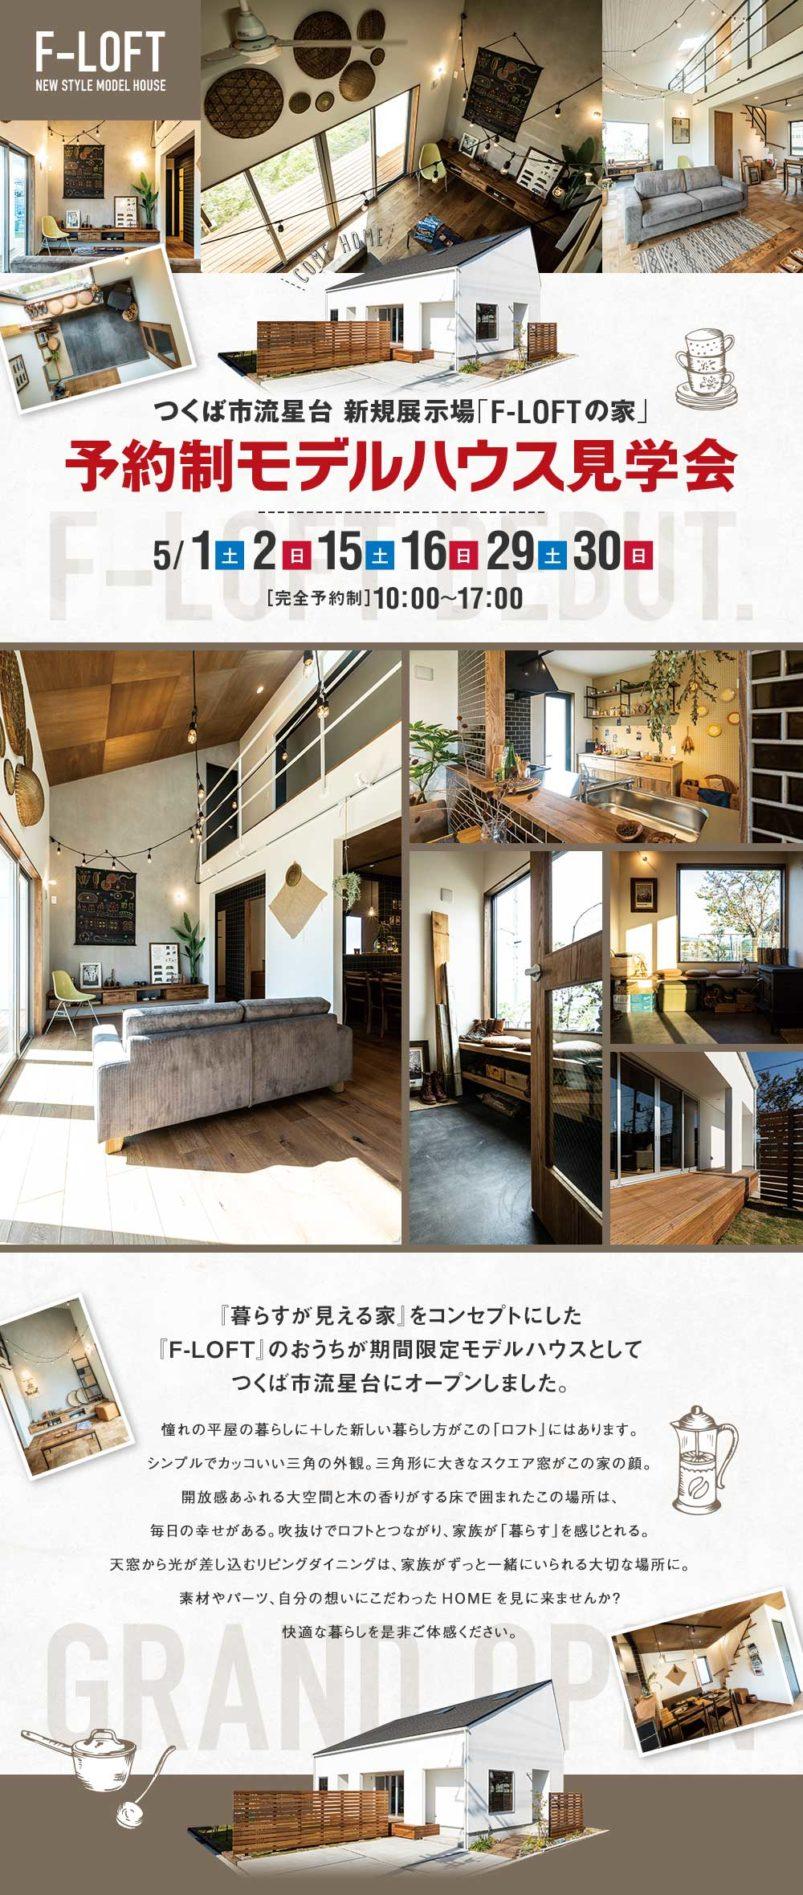 新規展示場つくば市流星台 『F-LOFTの家』